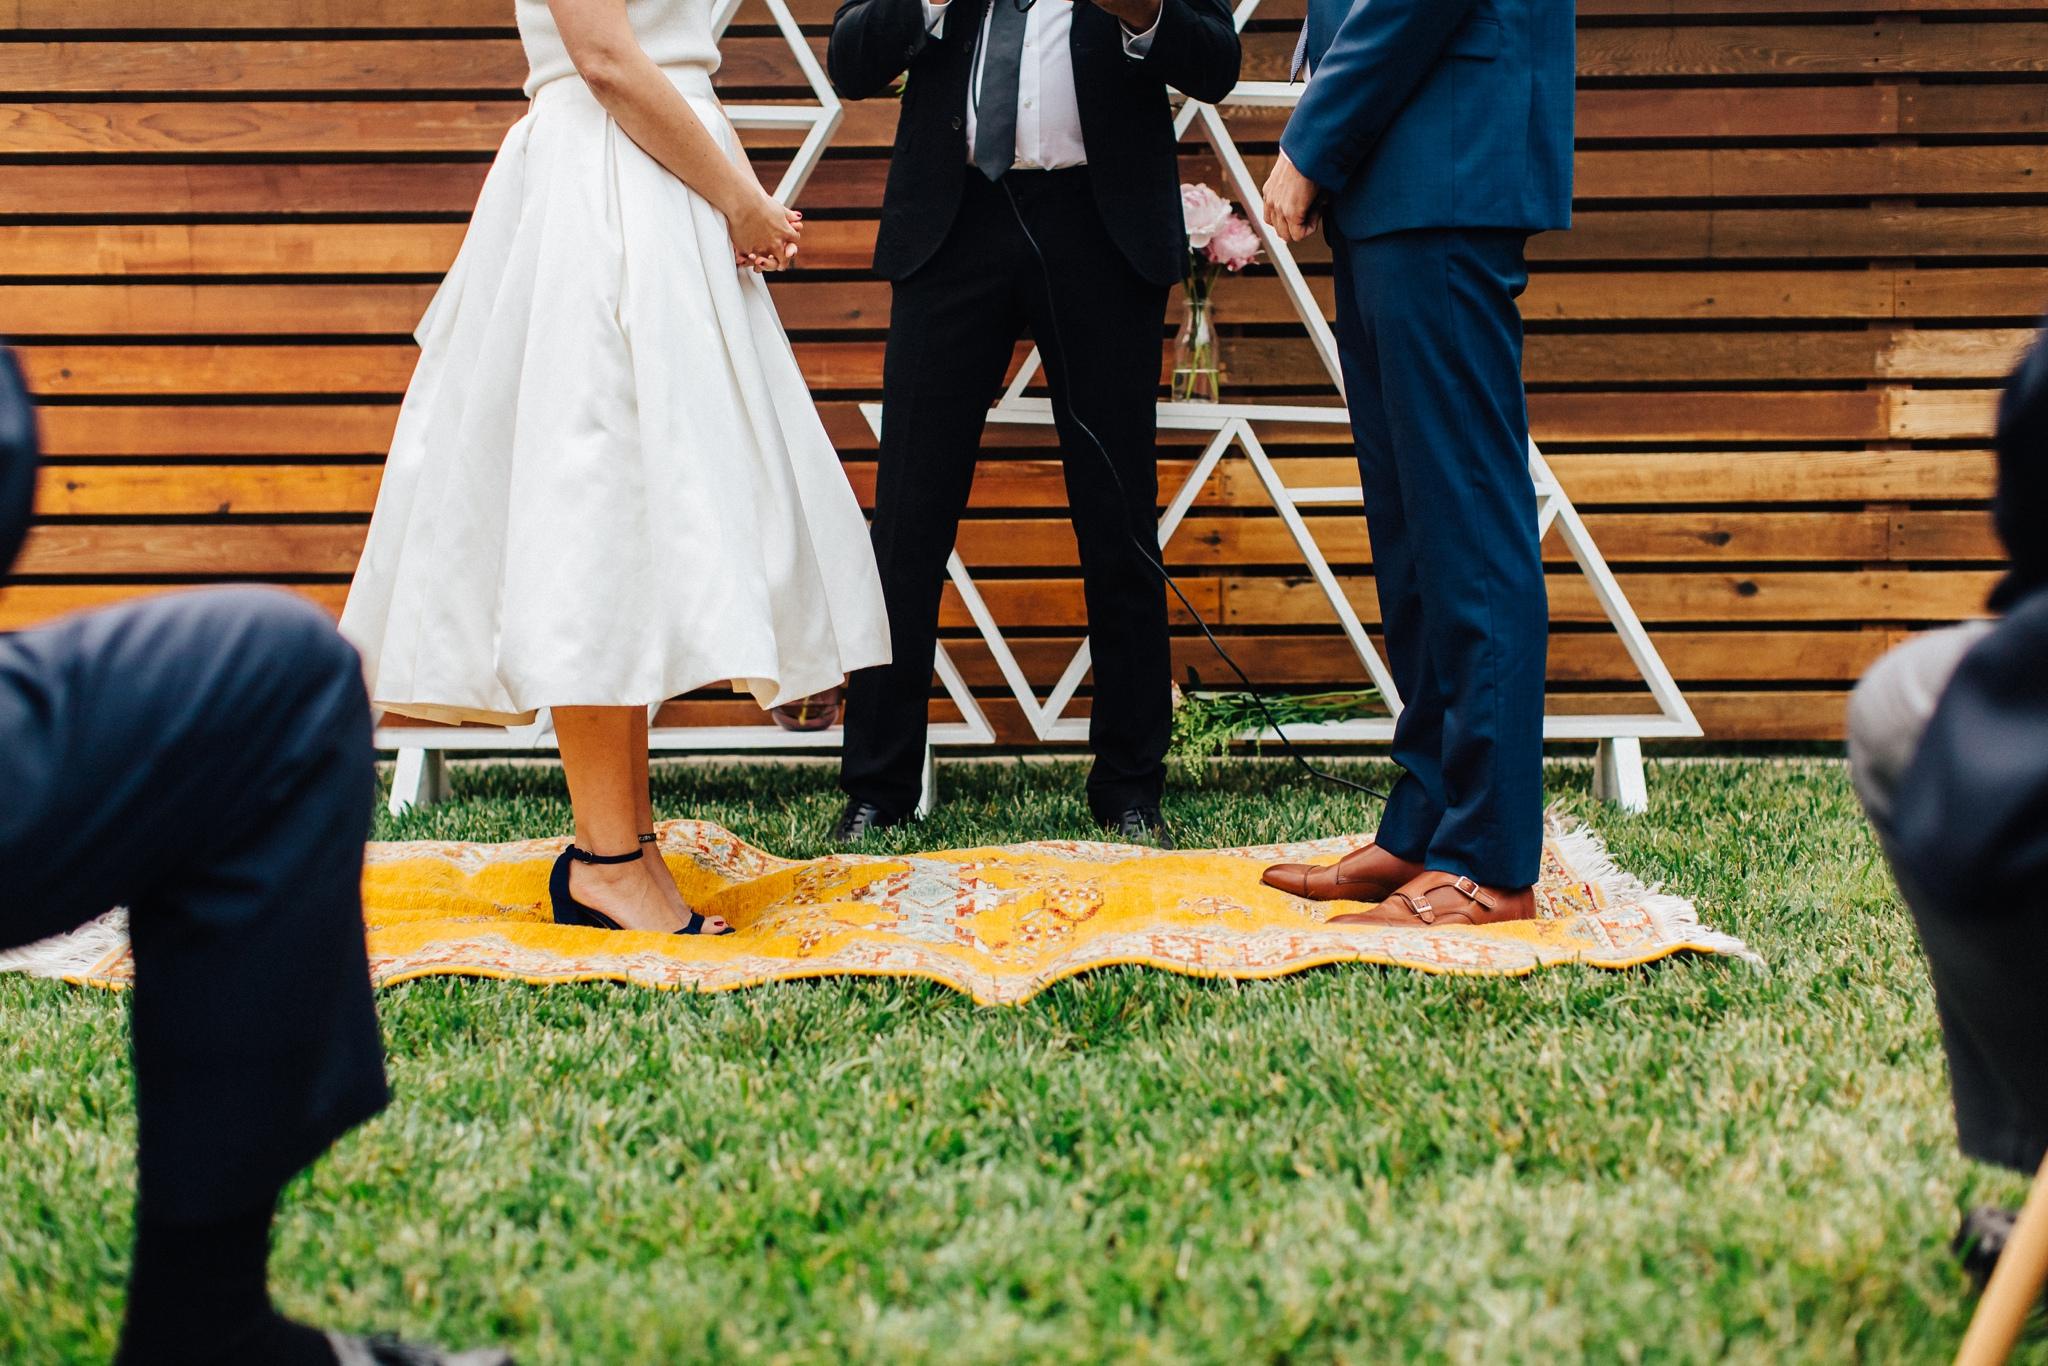 Thedalauras_ostaraphotography_surprisewedding_lajollaweddingphotographer_sandiegowedding_modernwedding_midcenturymodernwedding_midecentury_055